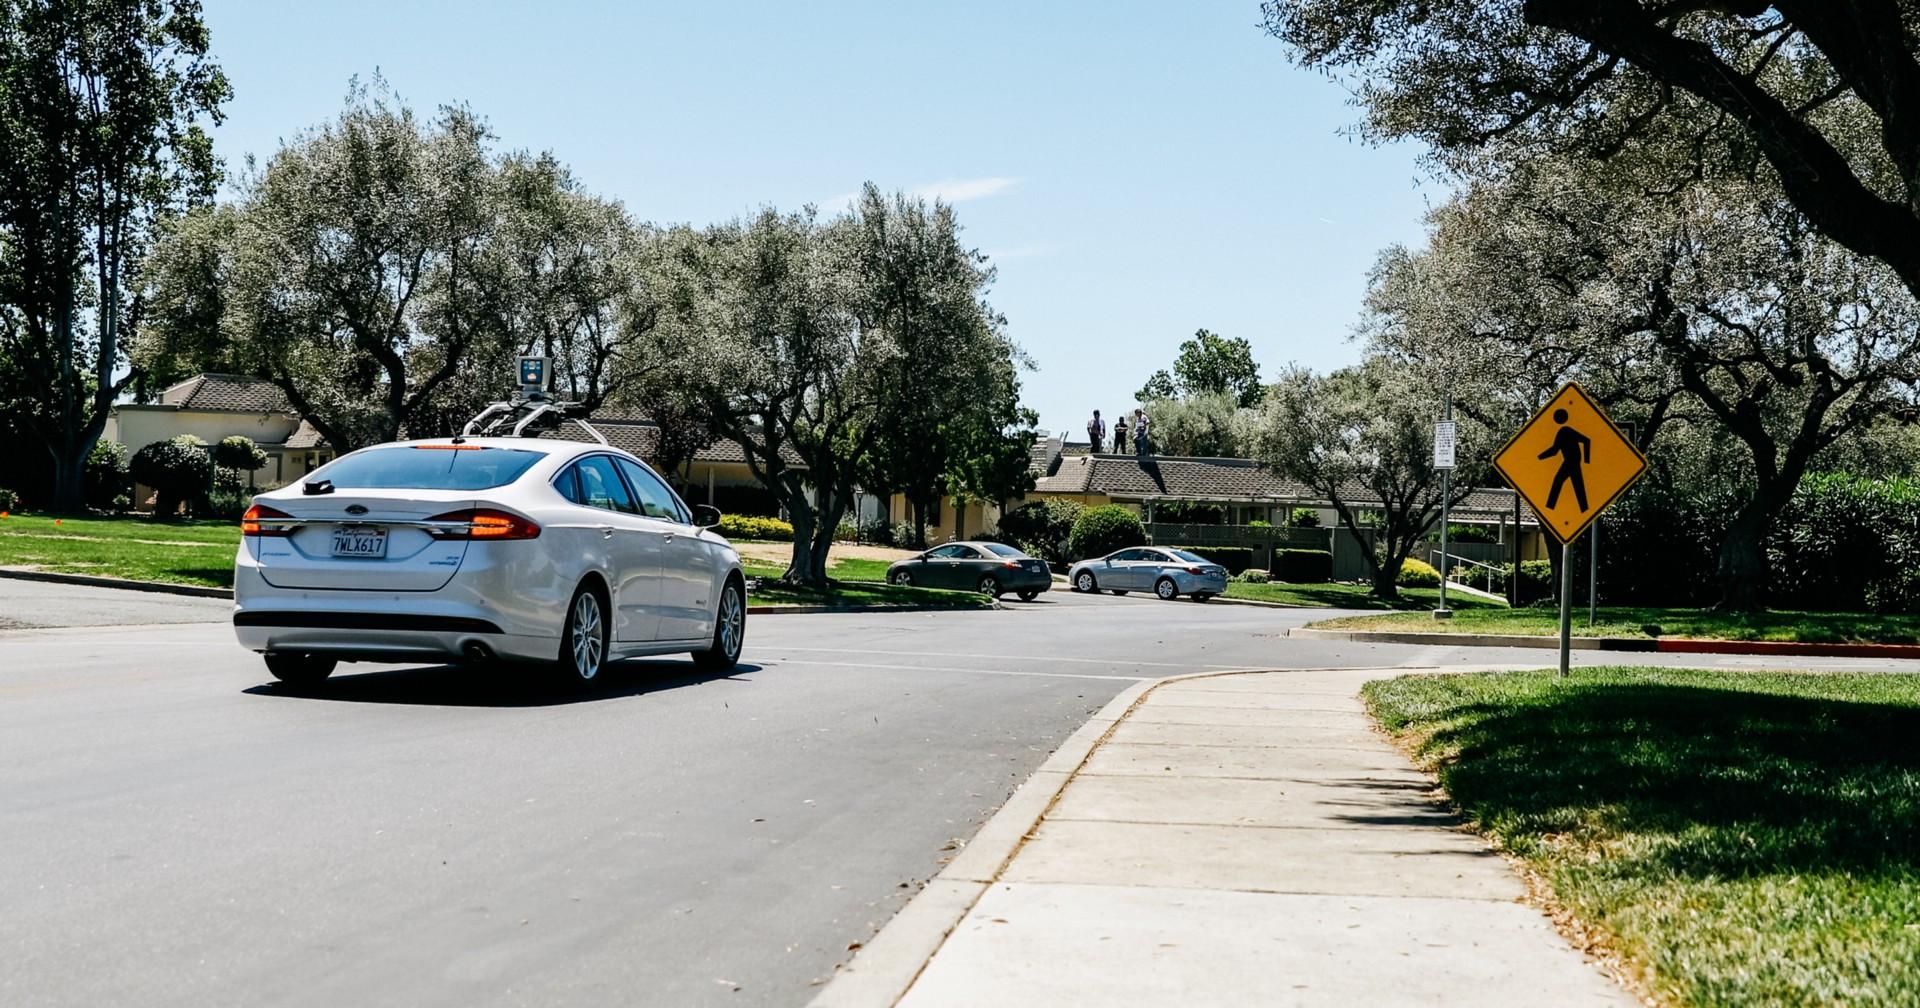 Esta comunidad de jubilados disfrutará de taxis autónomos